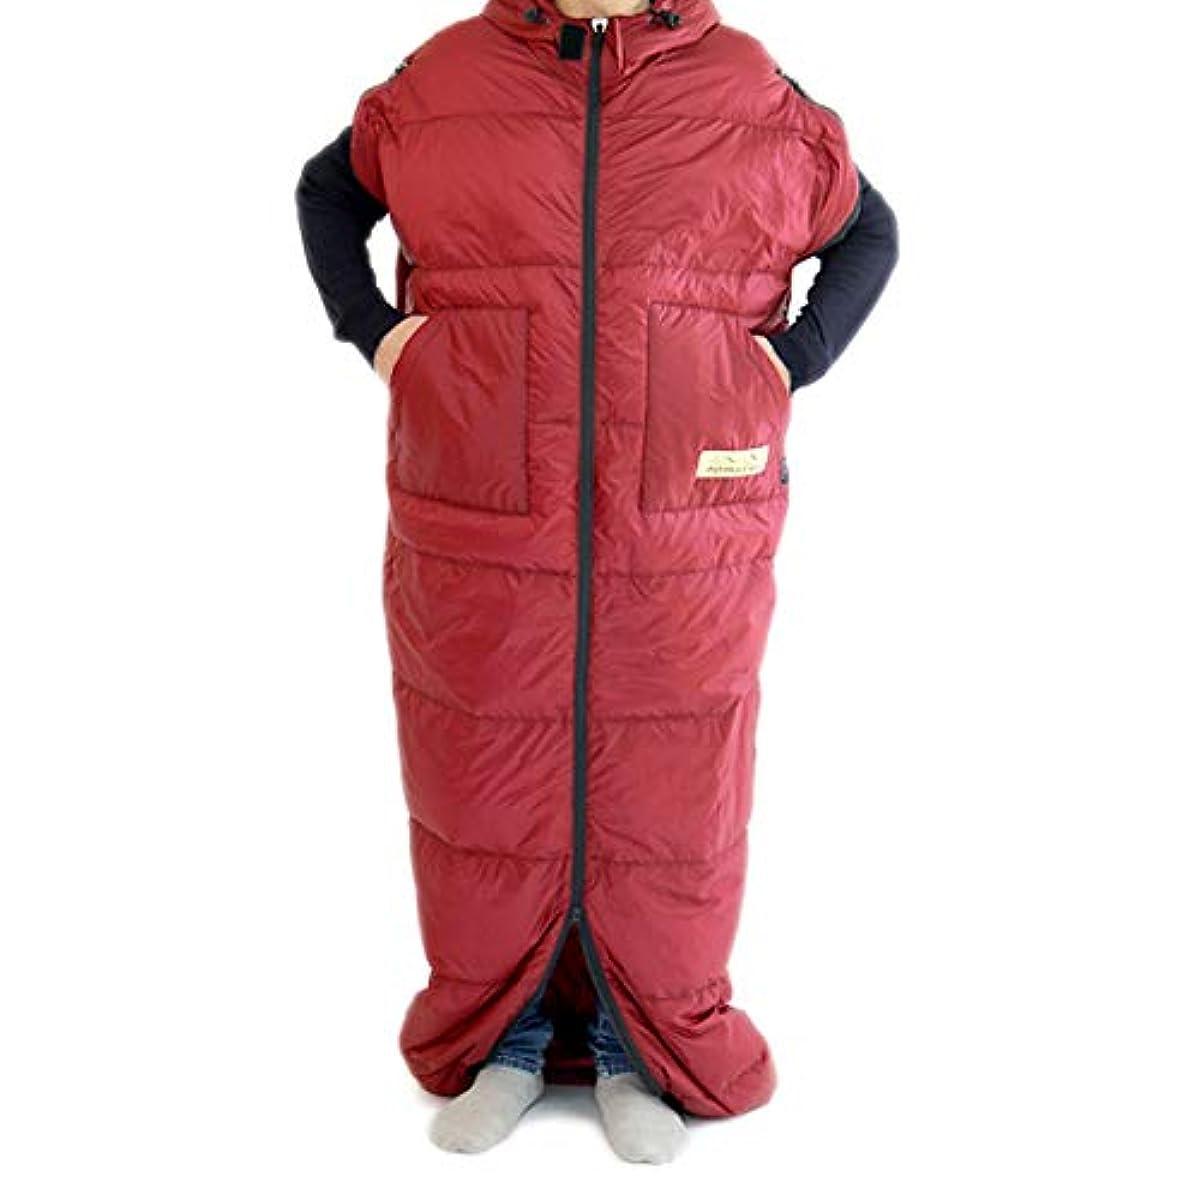 [해외] 텐트마크디자인 입는 침낭 이너 방한복